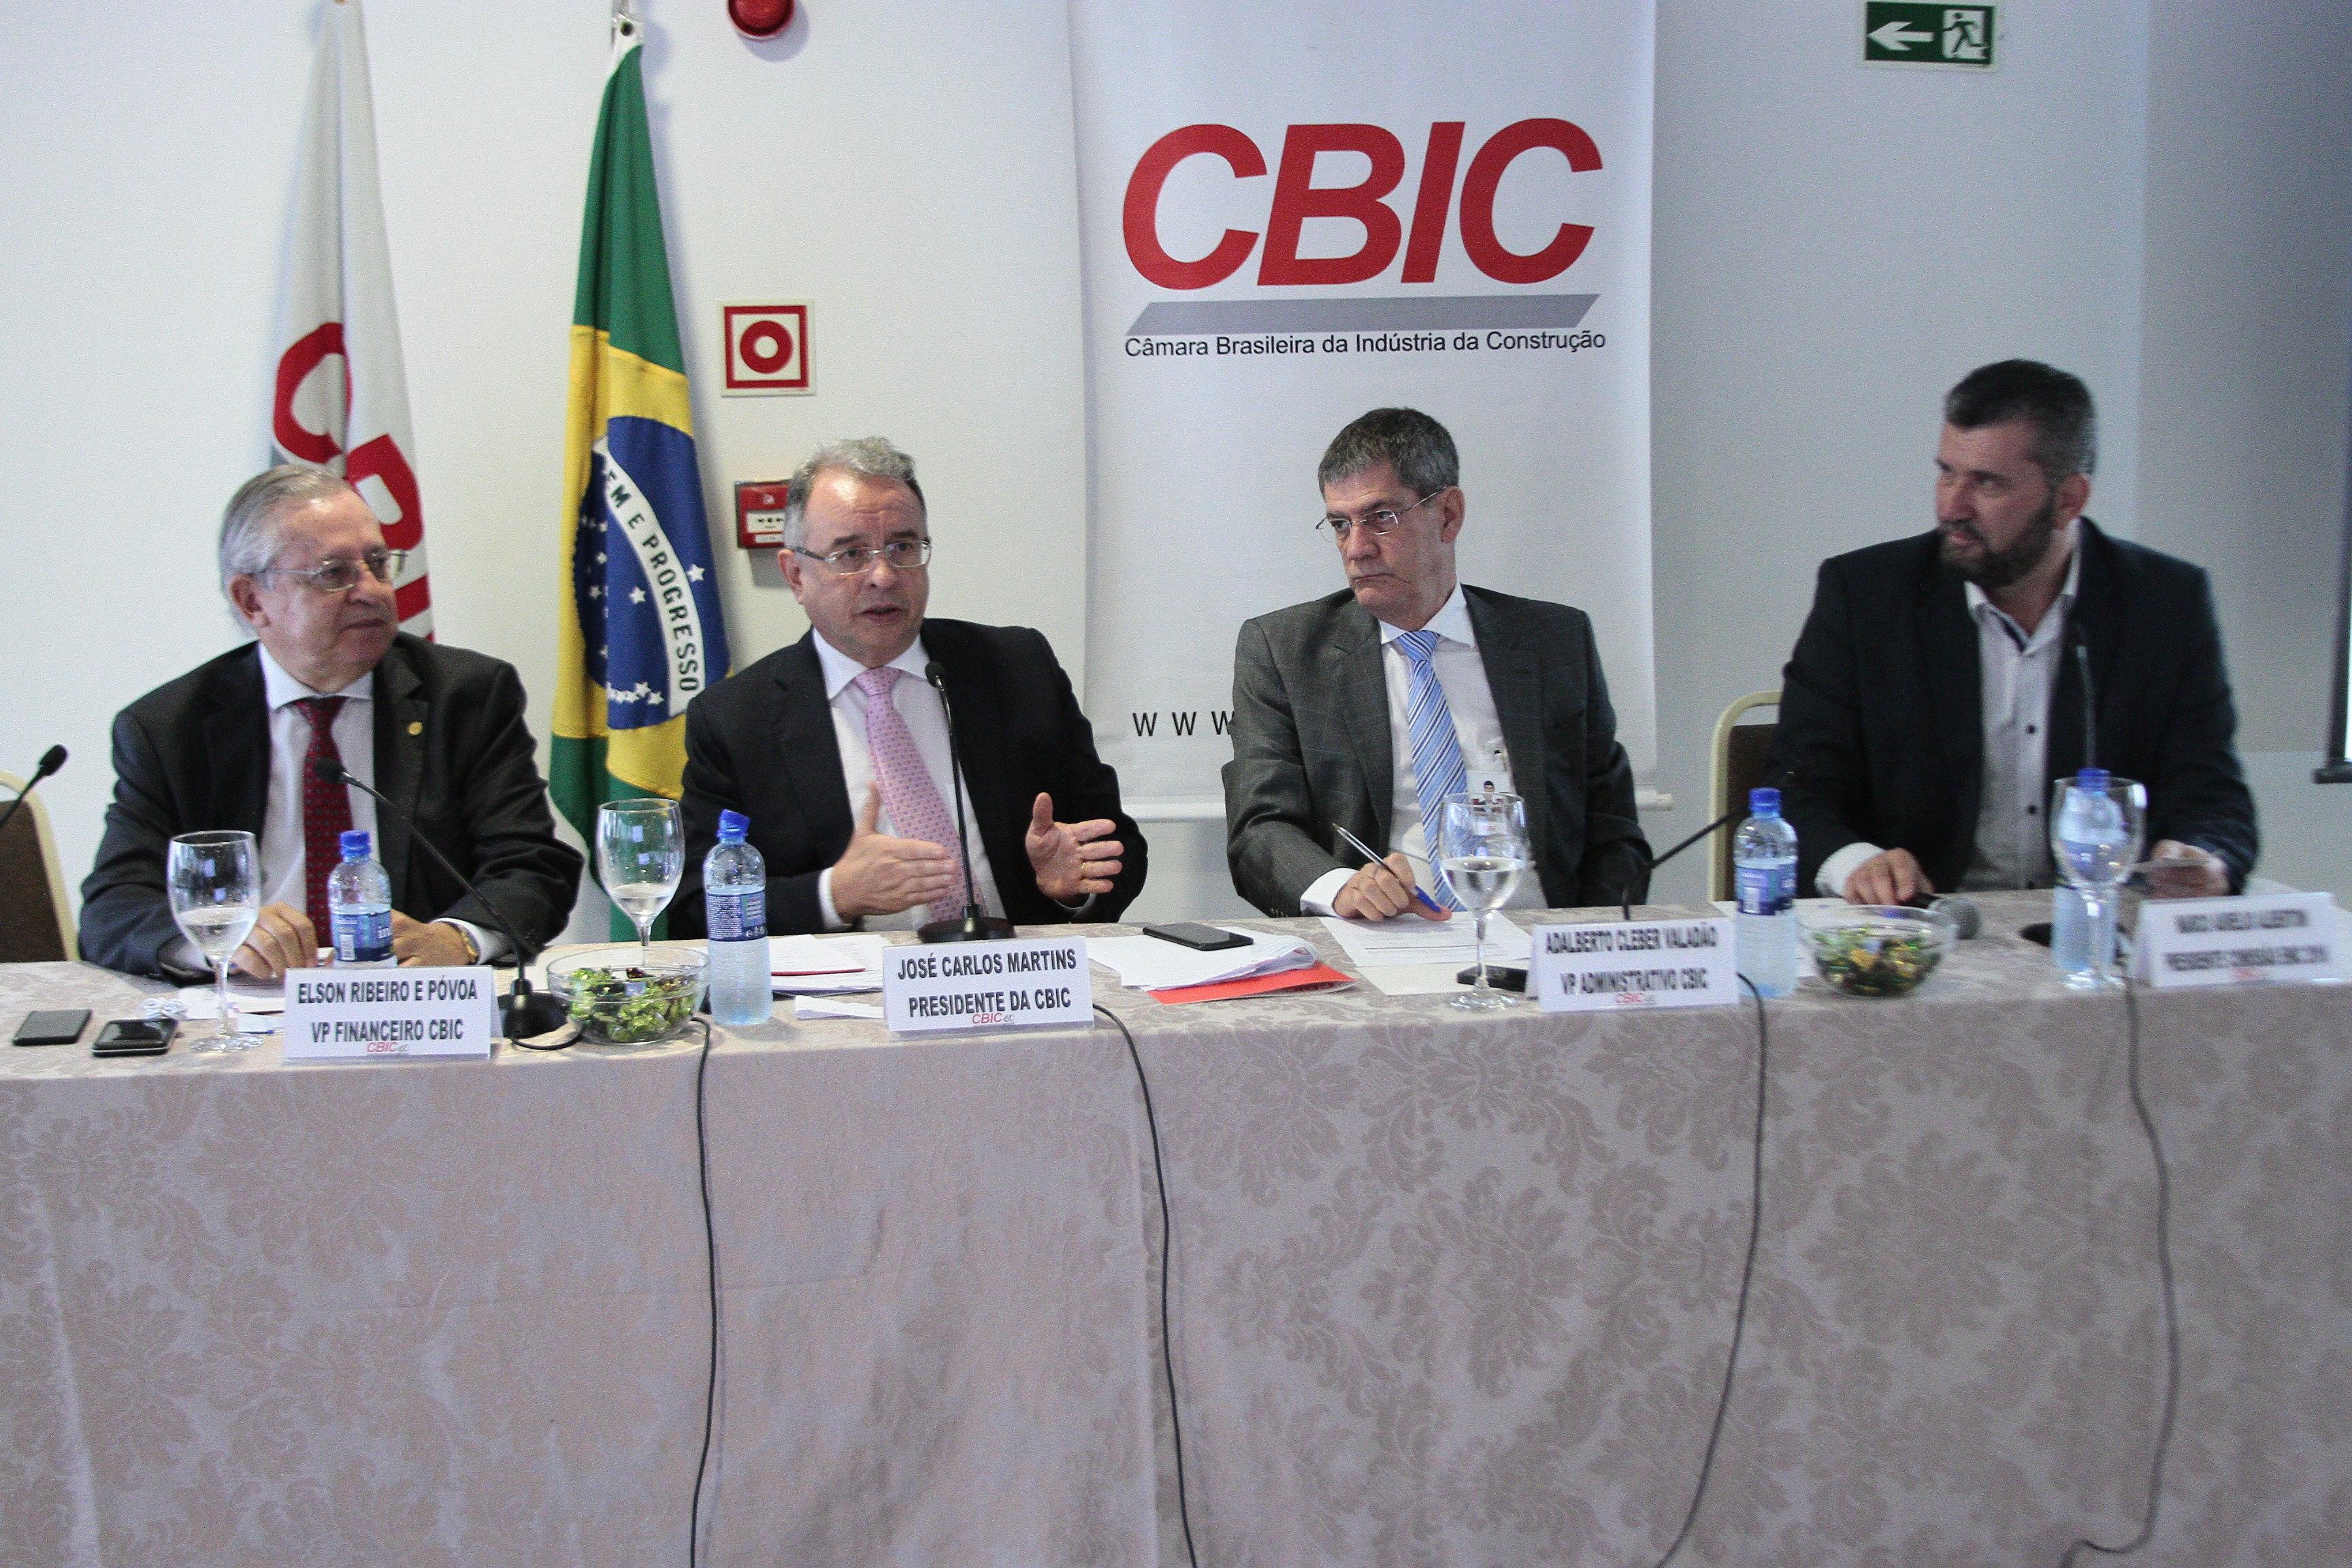 Foto: PH Freitas/CBIC